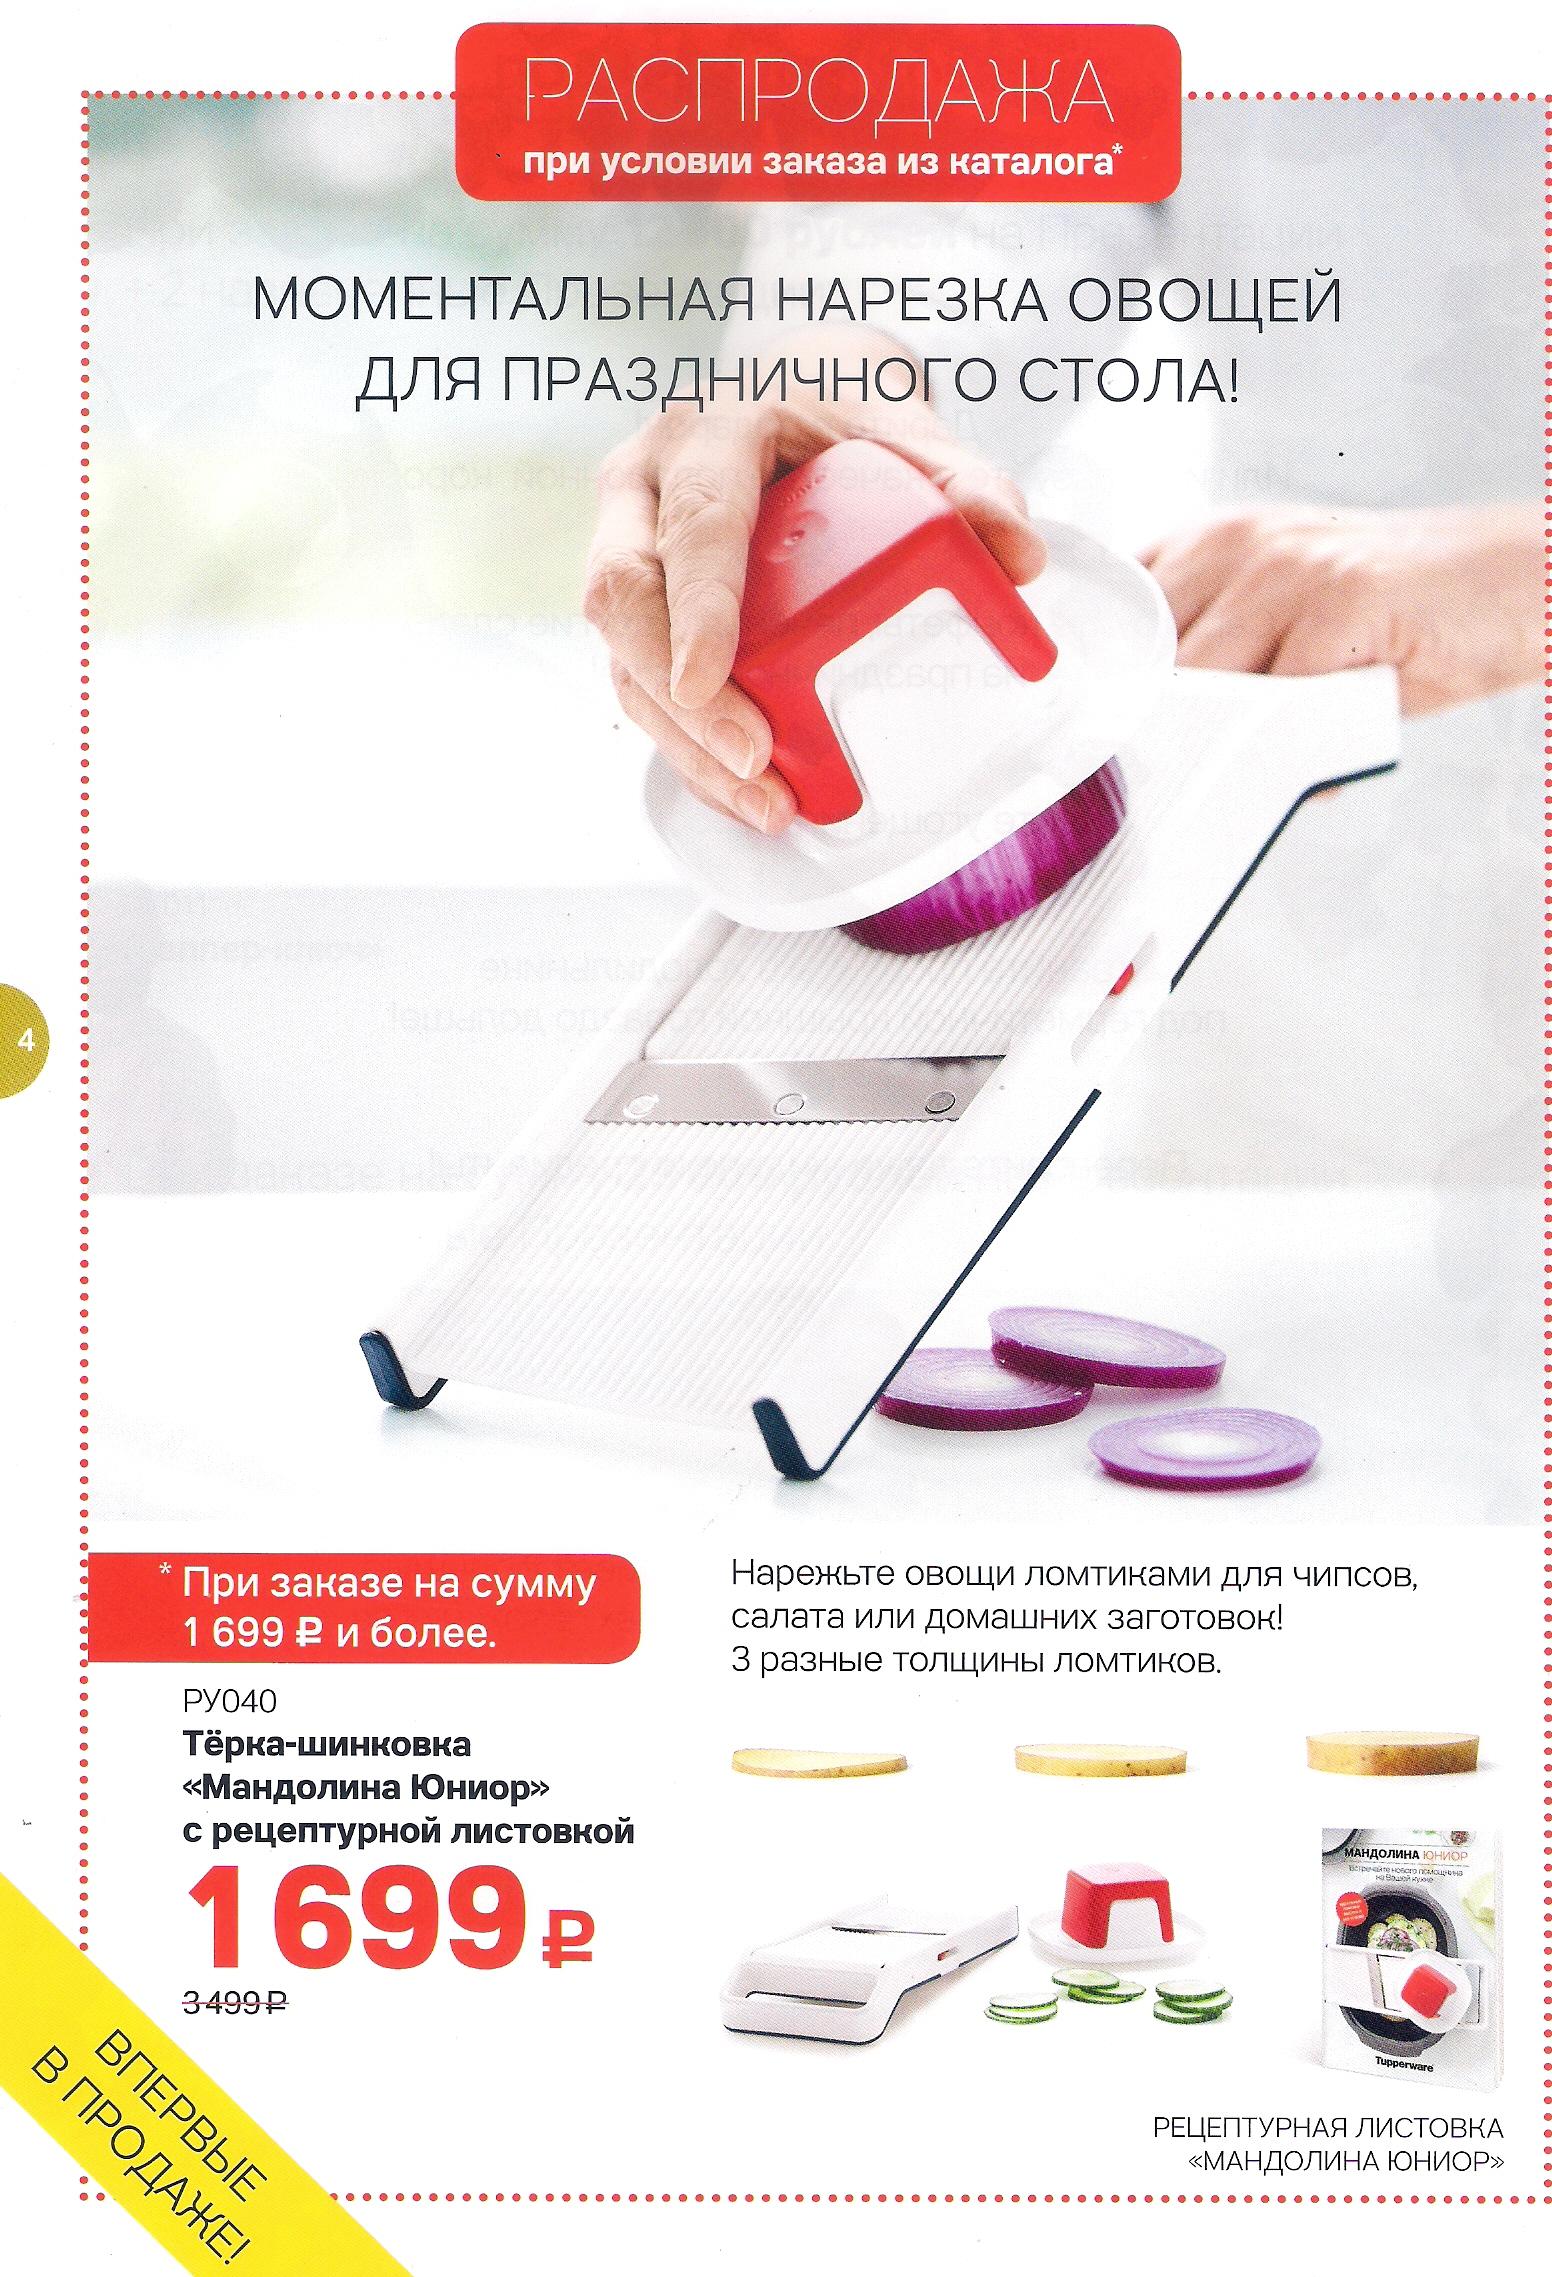 http://tupperware-online.ru/images/upload/3p.jpg